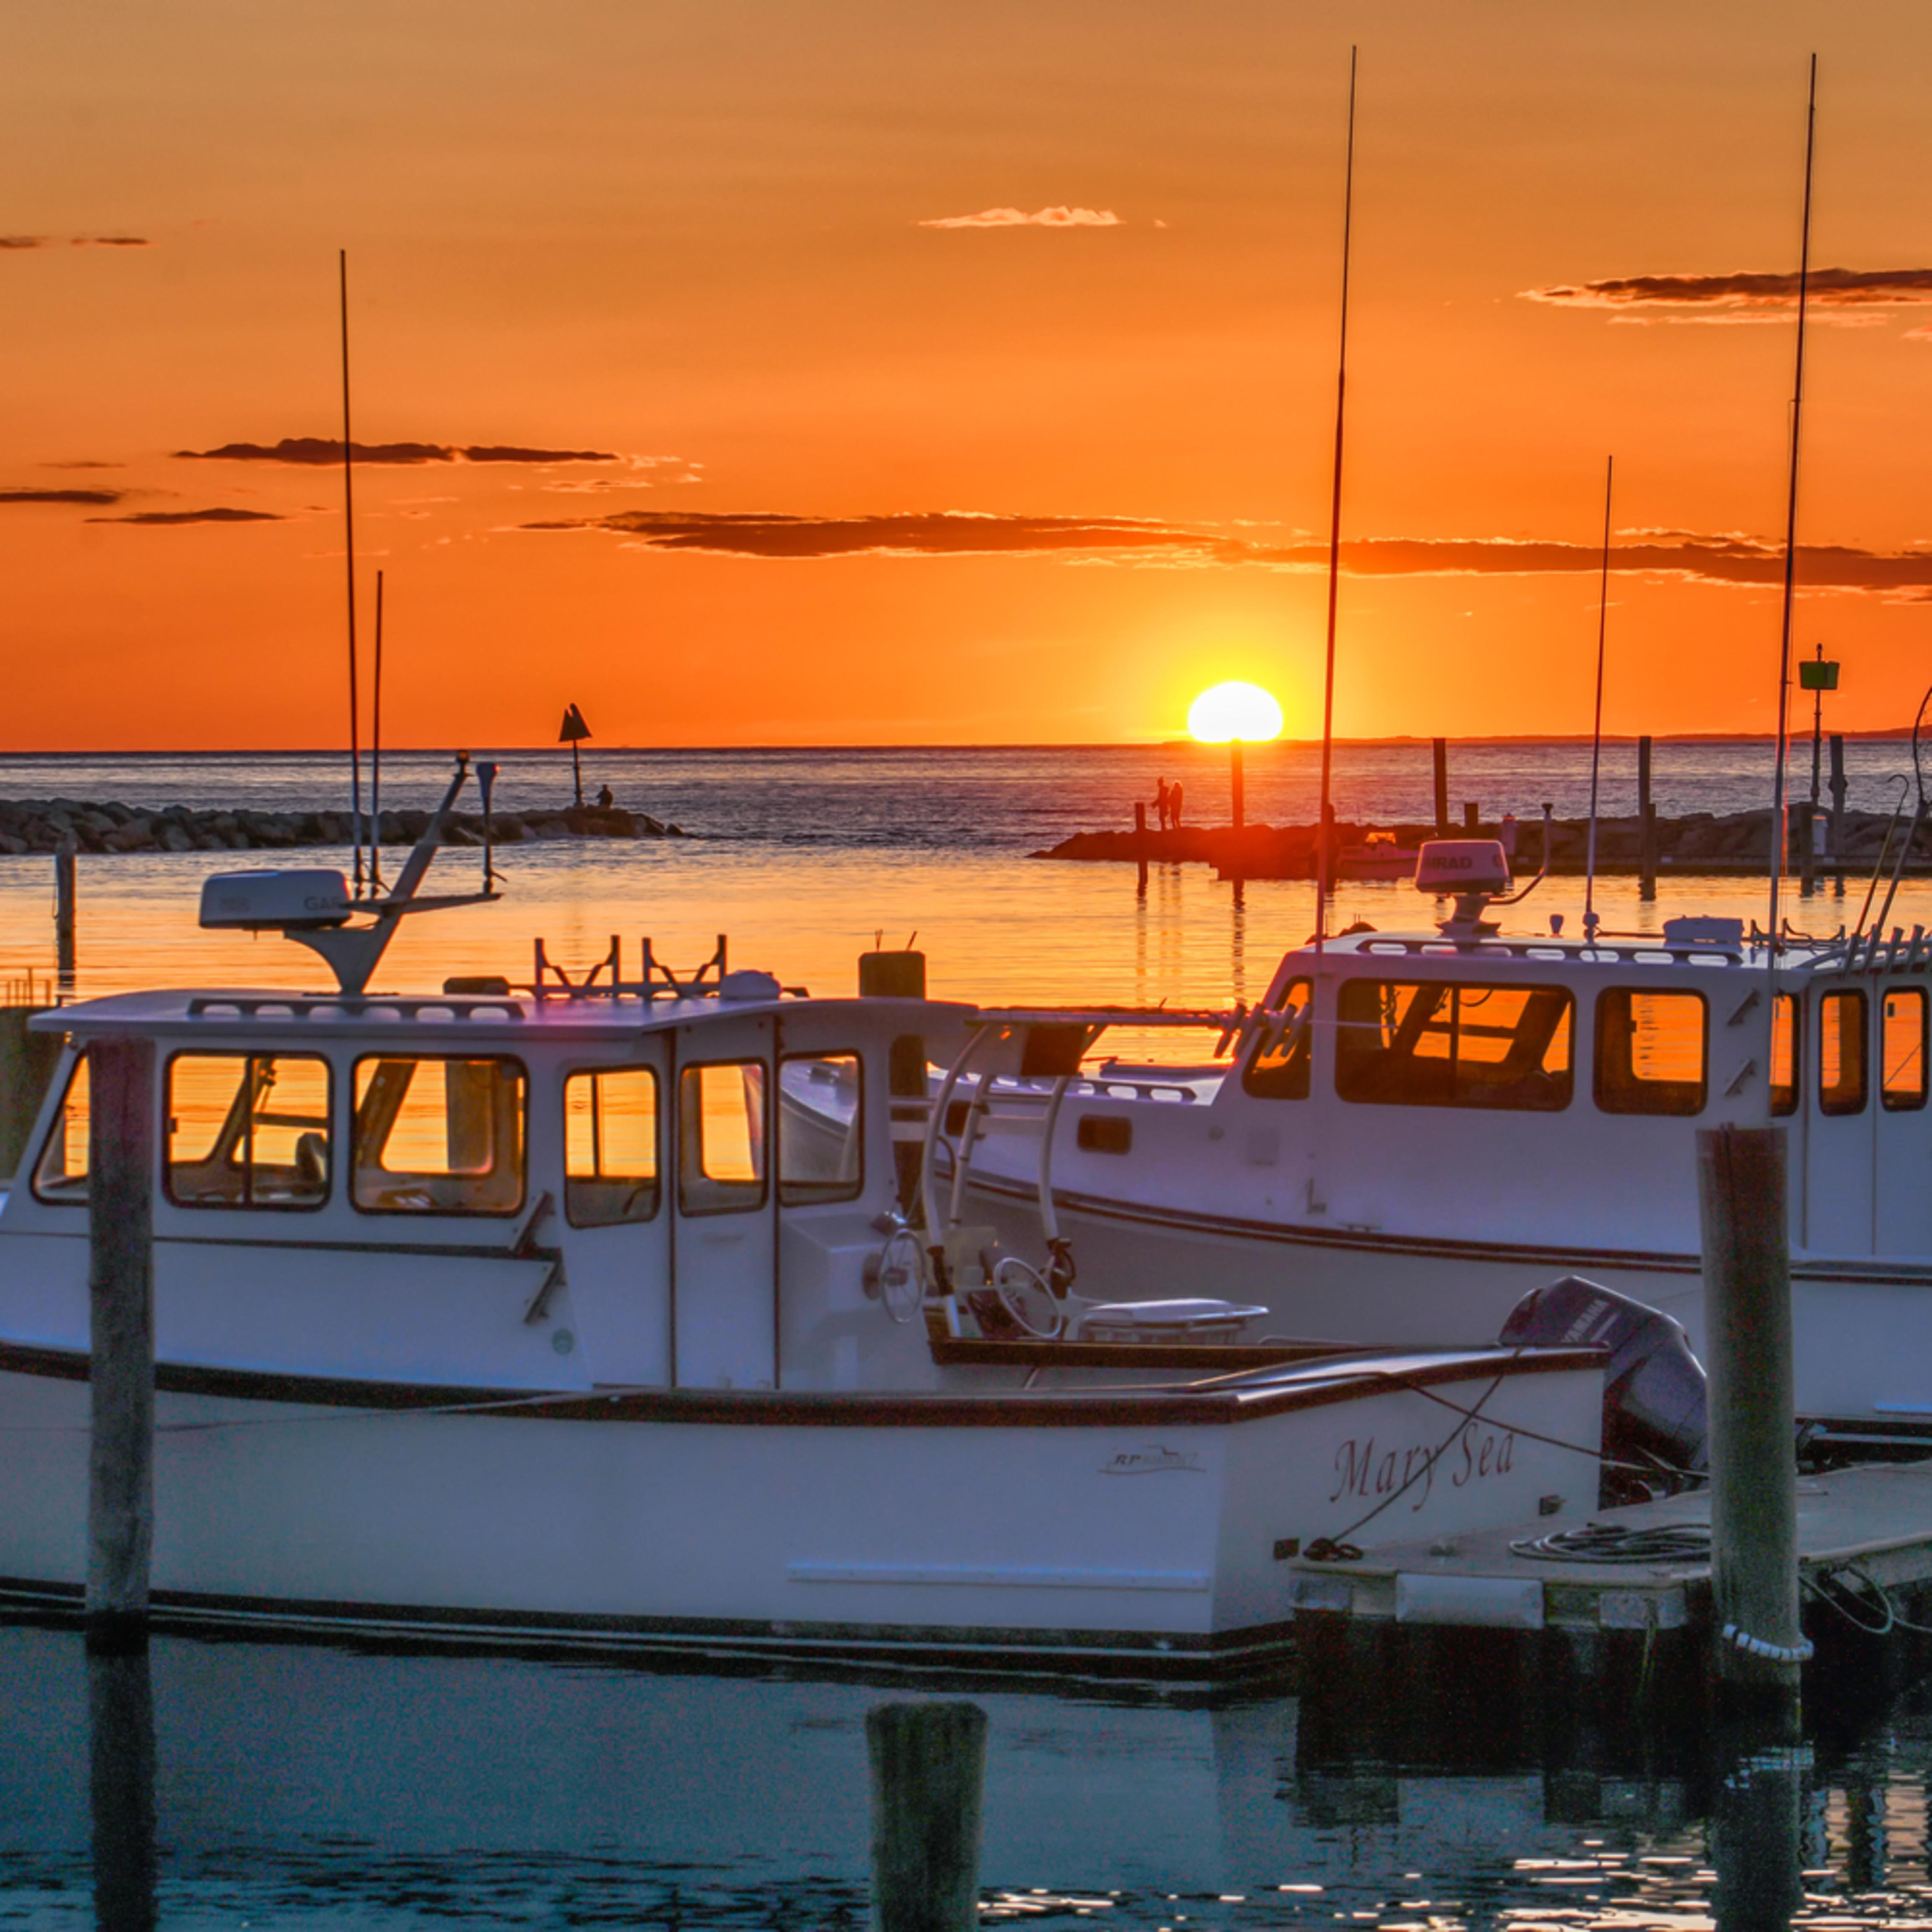 Menemsha fishing boat sunset yabxwg